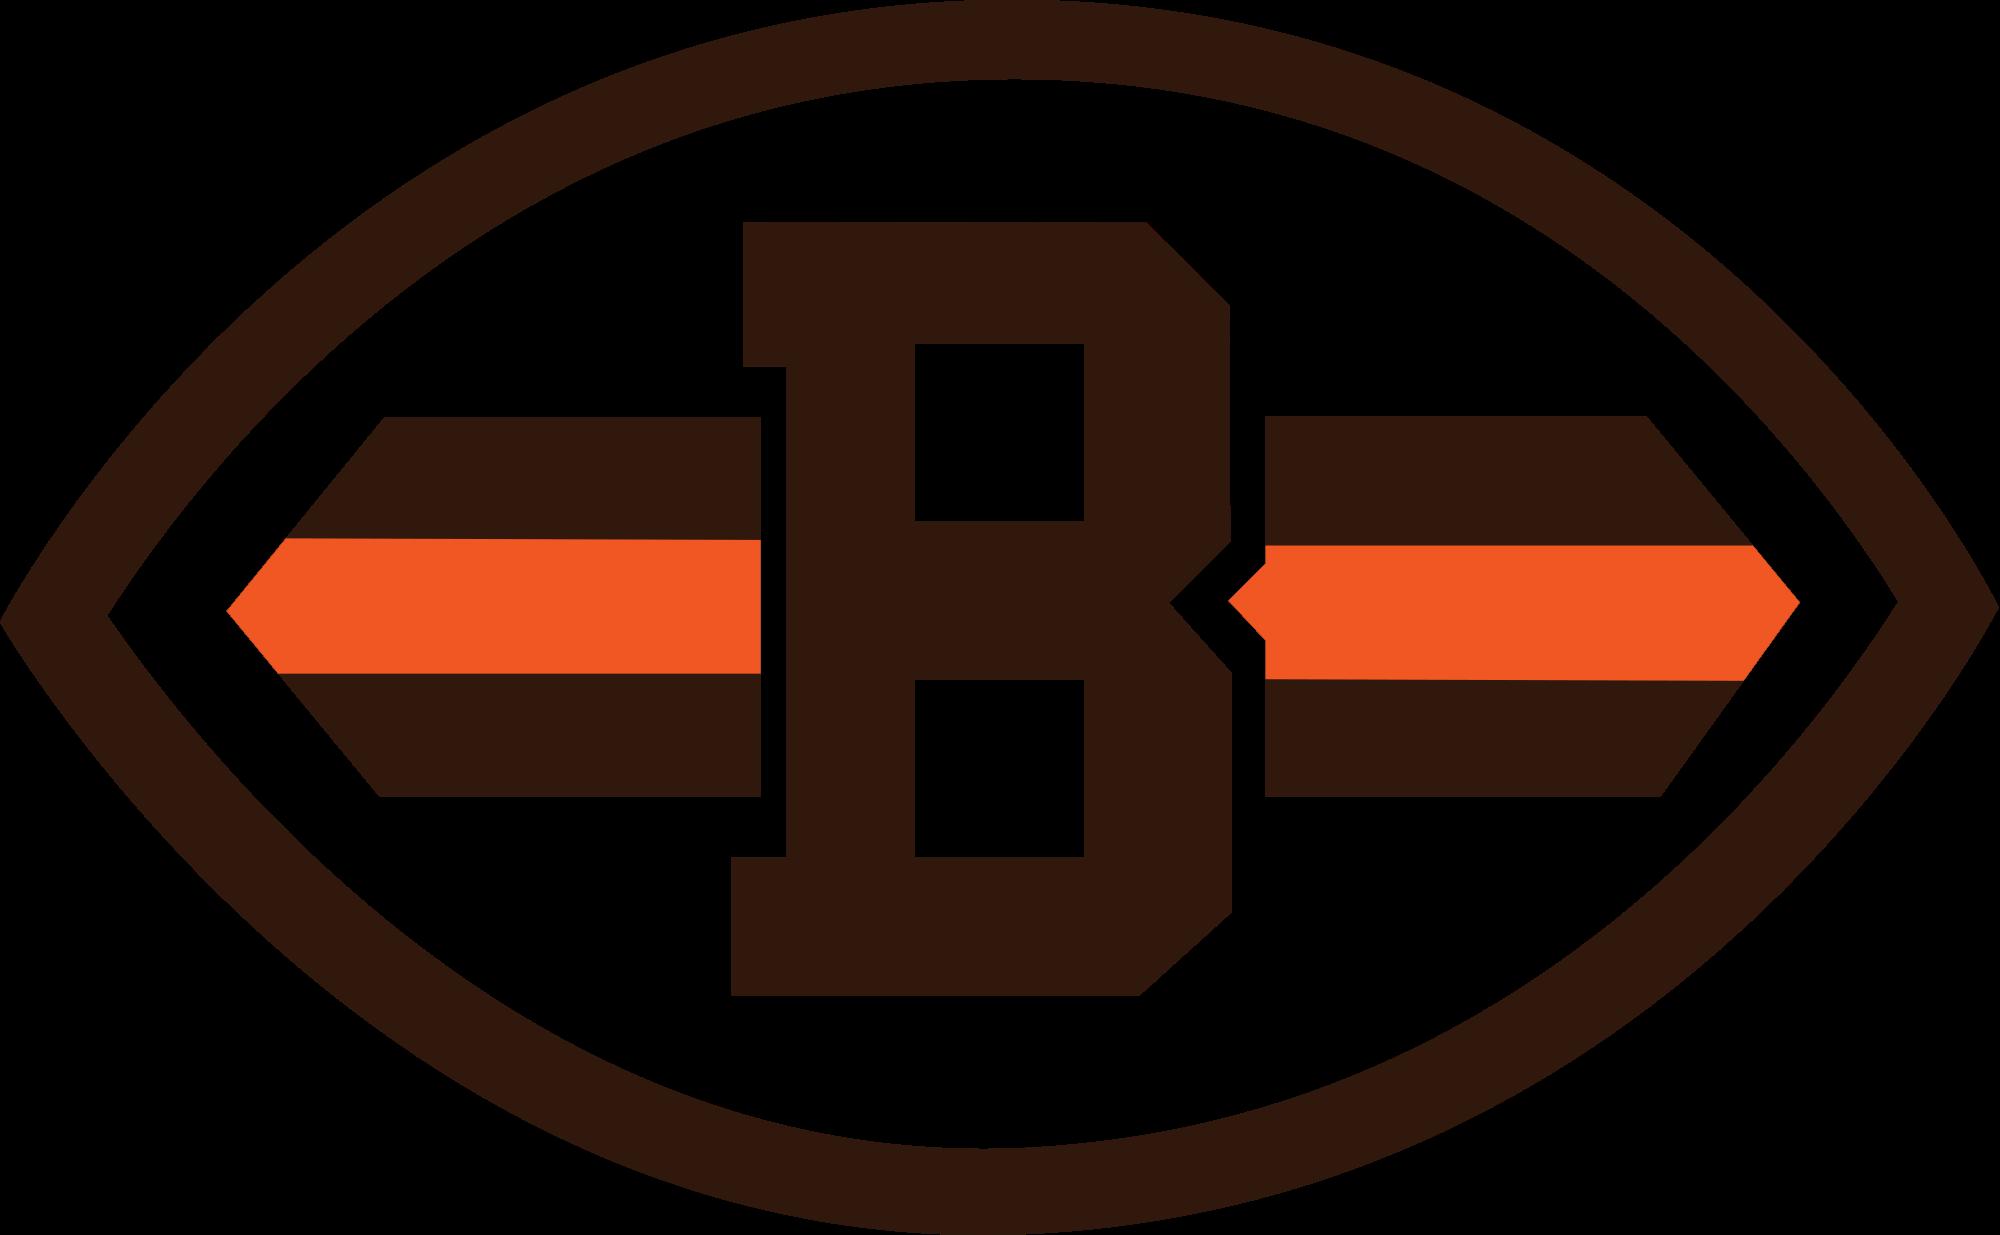 Cleveland Browns Logo transparent PNG.